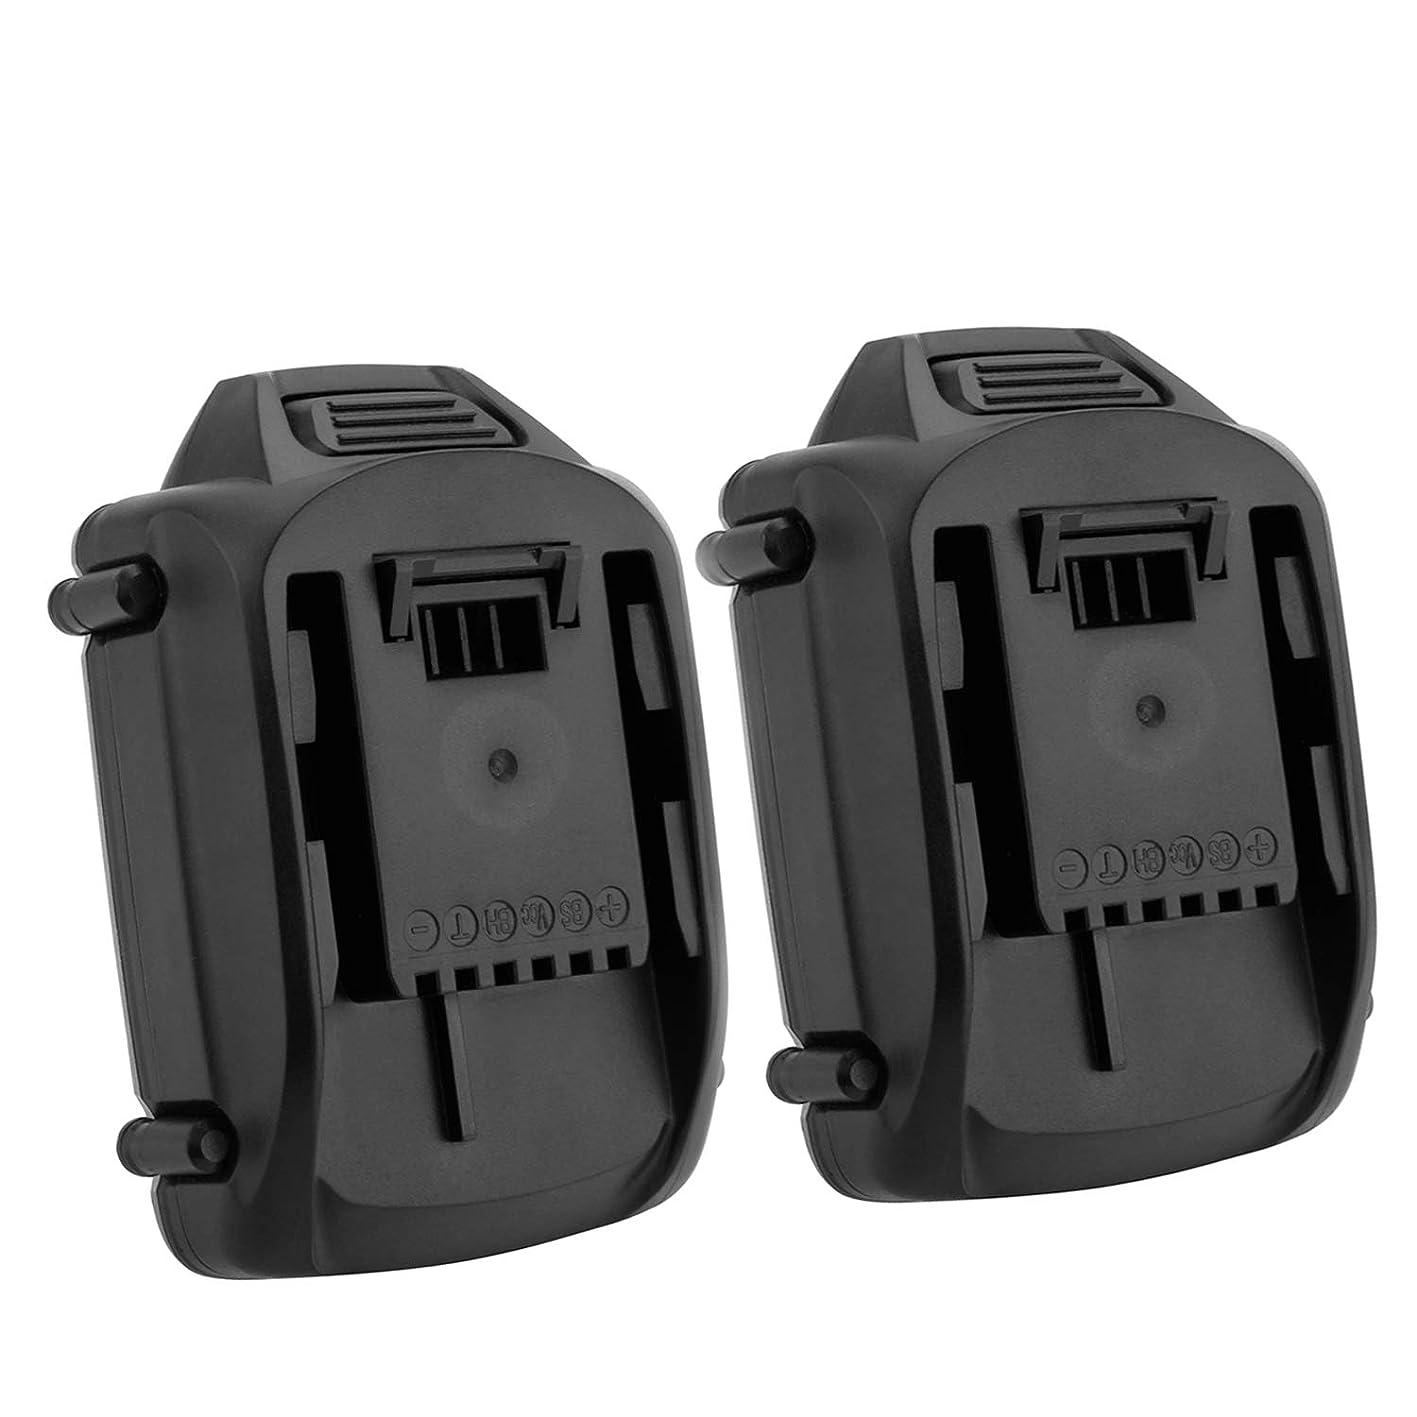 Creabest 2Packs 2500mAh 18V Replacement Battery Compatible with Worx WA3512 WA3512.1 WA3512 WA3511 WX163 Li-ion Battery Pack cnwggyqpnzj309